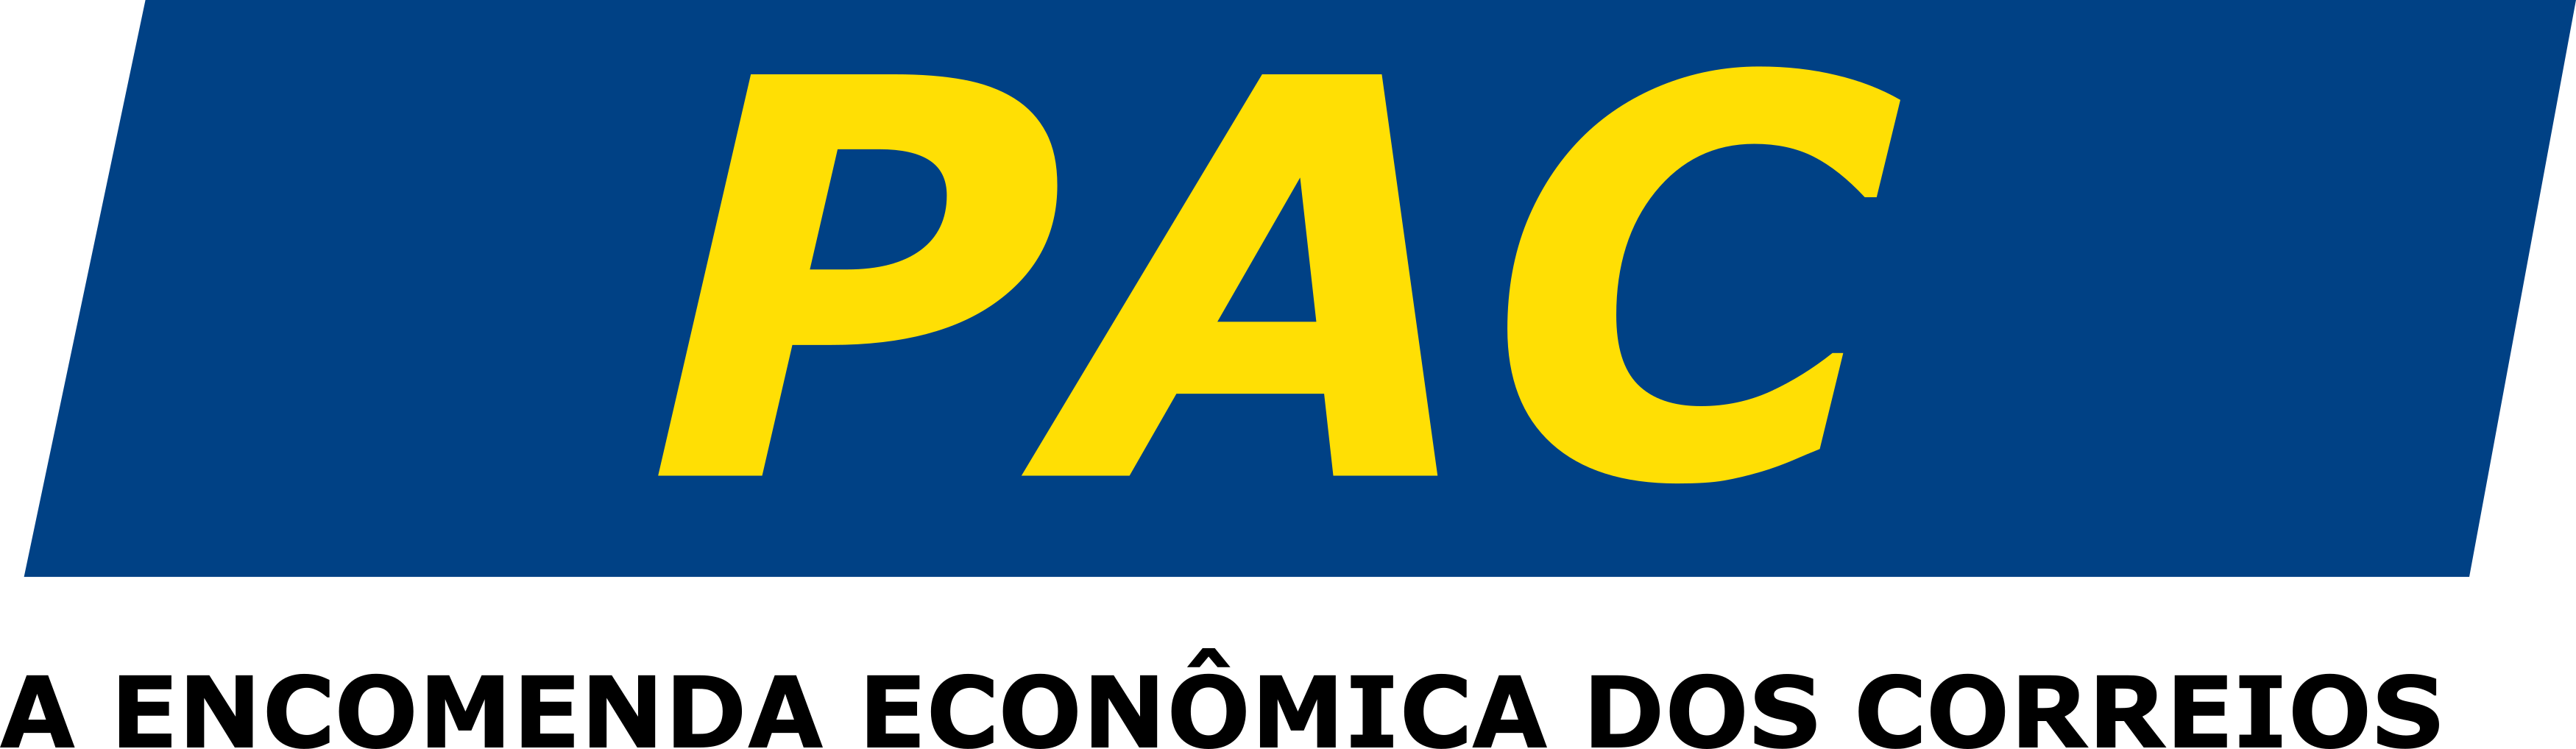 Clique na imagem que deseja para baixar o logo PAC Correios. - Pac PNG